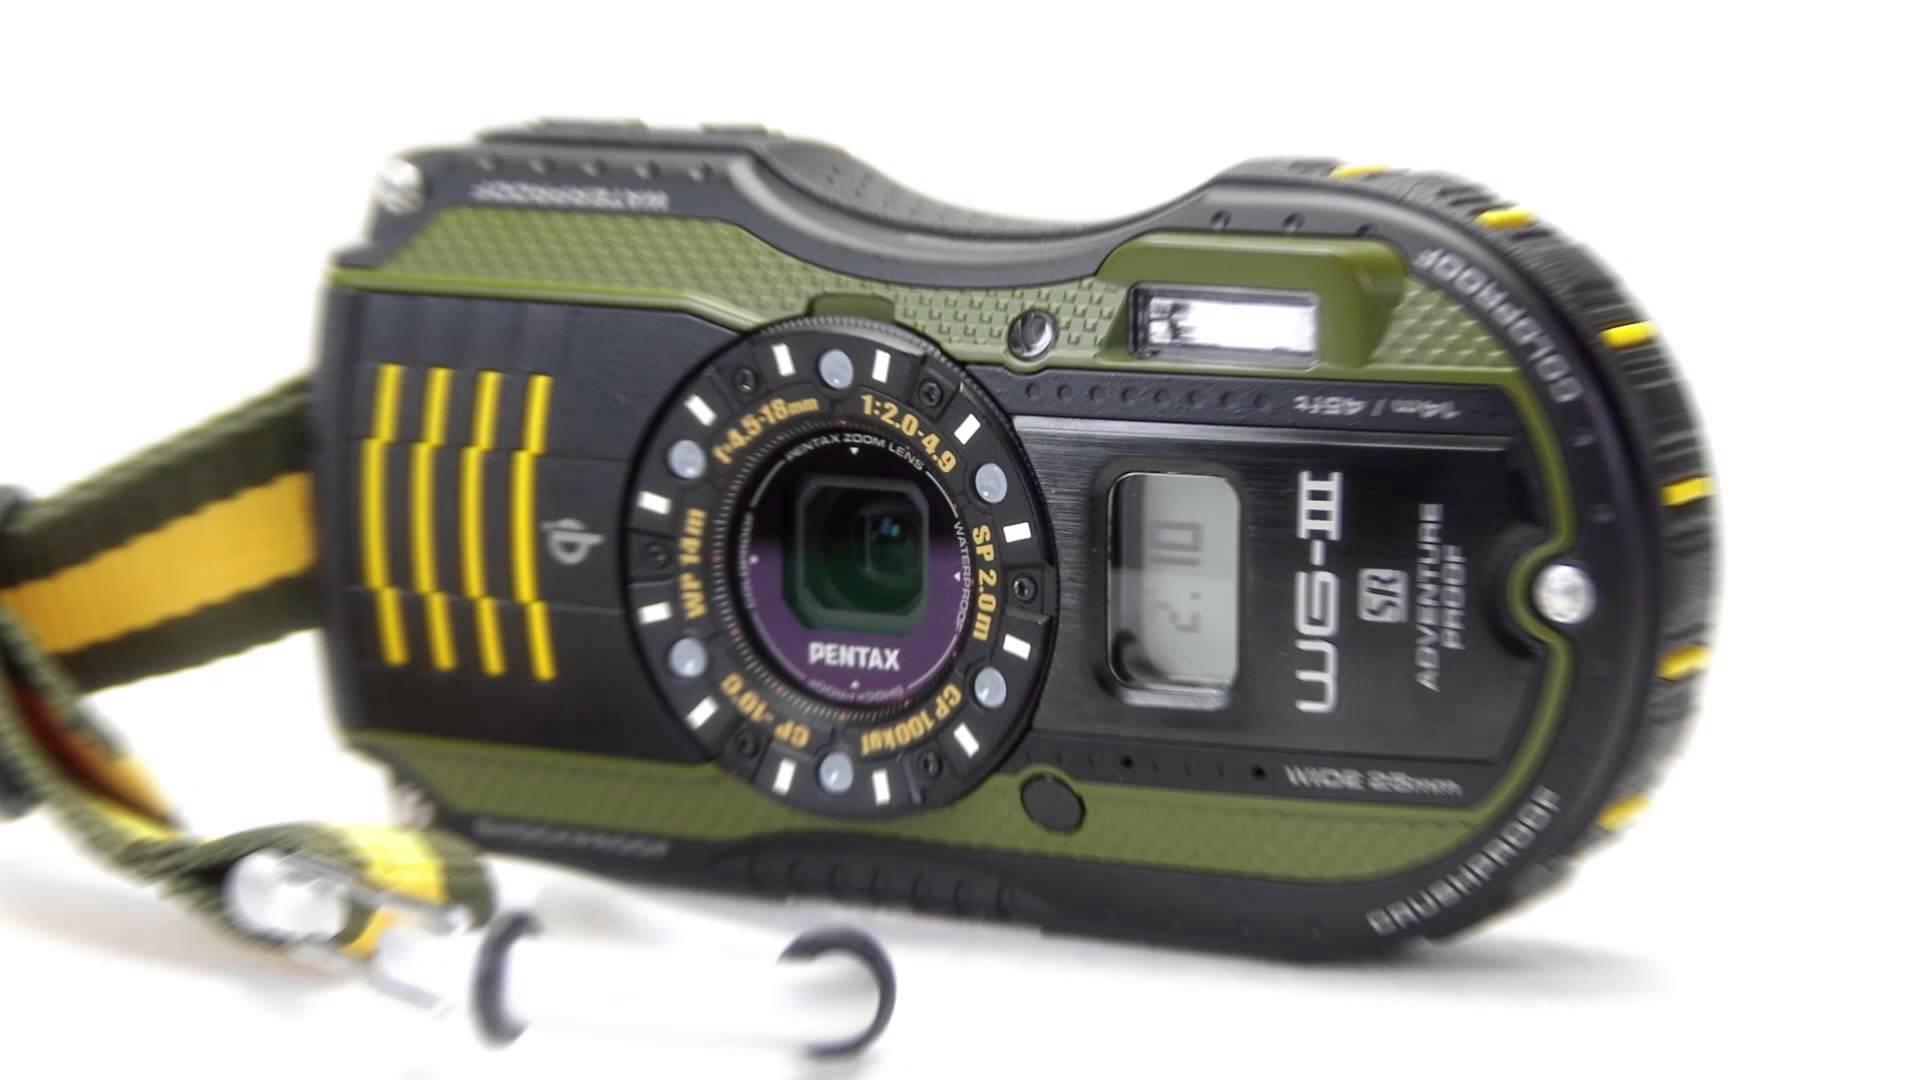 фотоаппарат рентах optio m10 инструкция